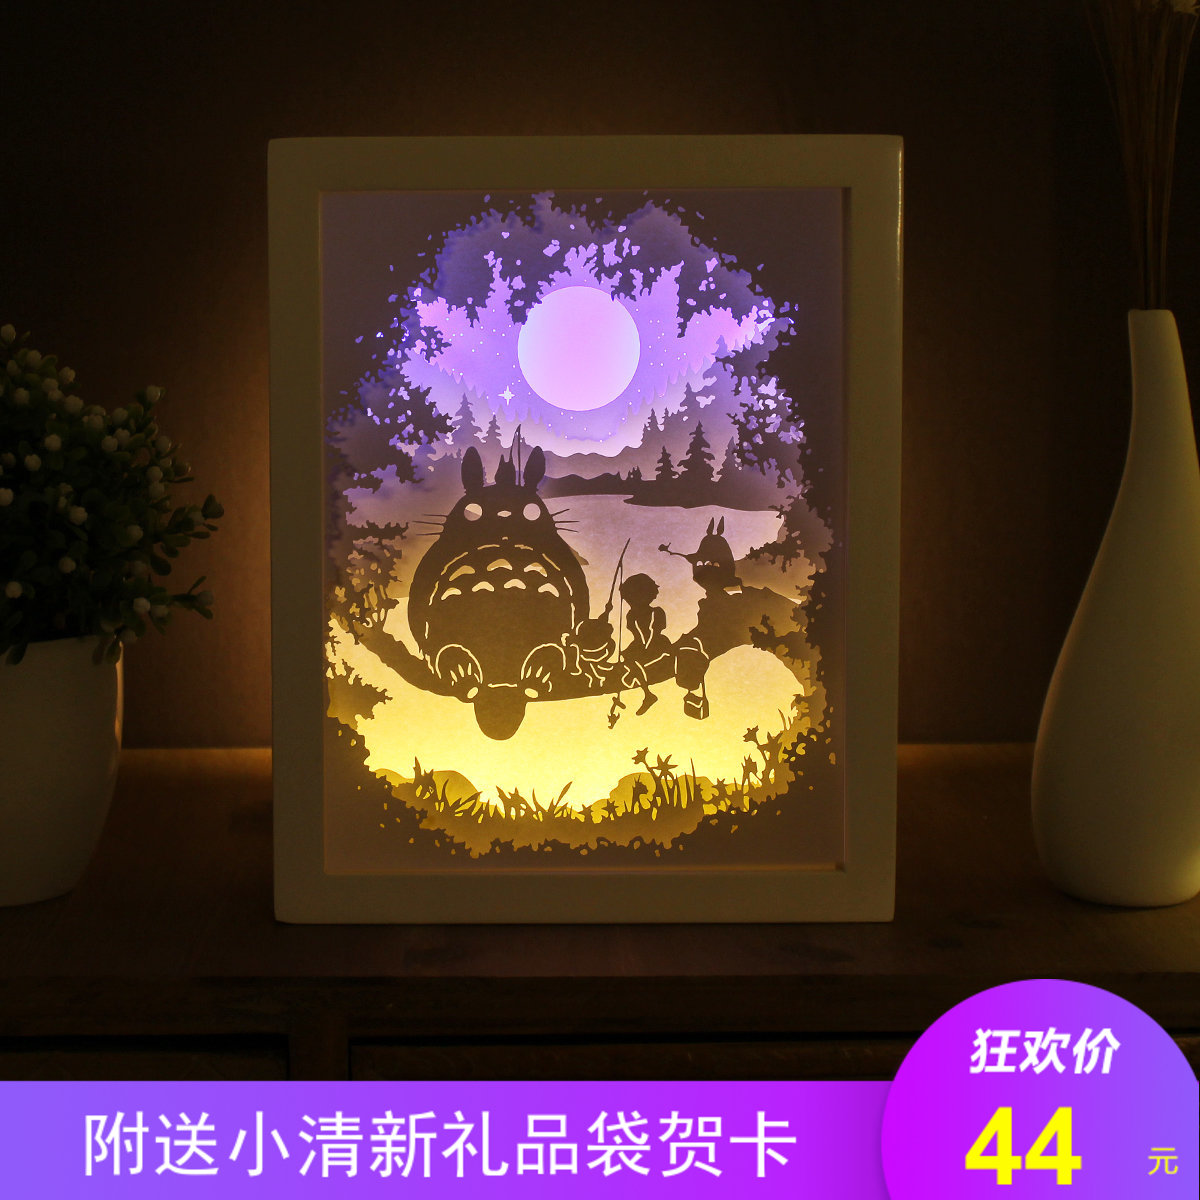 光影紙彫刻ランプの手作り材料包装となりのトトロ宮崎駿と同じ切り紙ランプ創意diy電気室